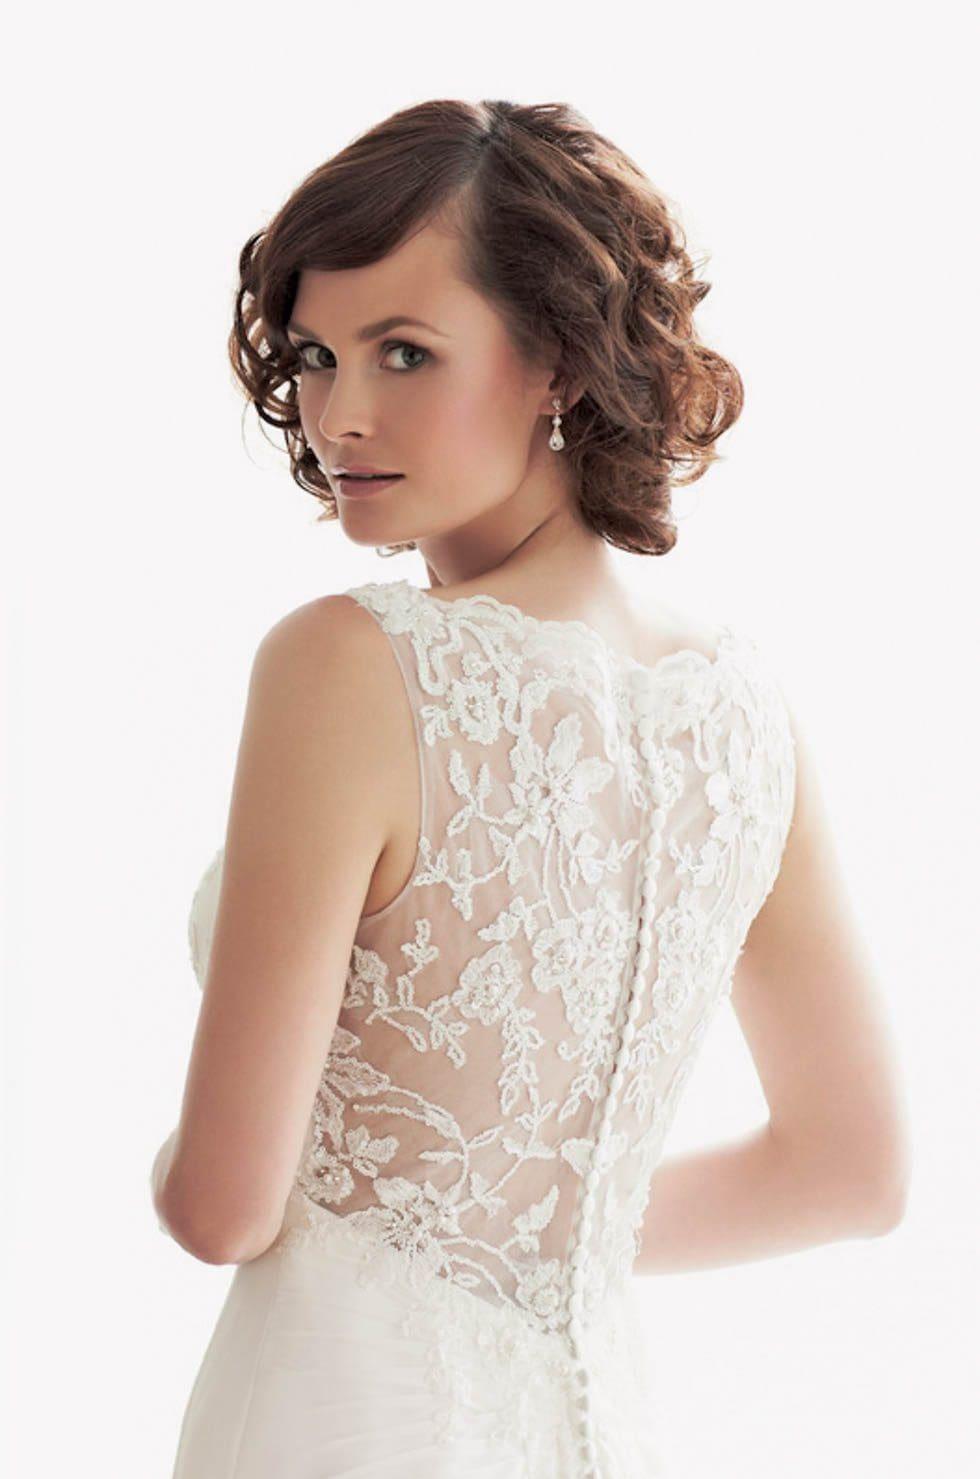 Galerie 26 Brautfrisuren fr kurzes oder schulterlanges Haar